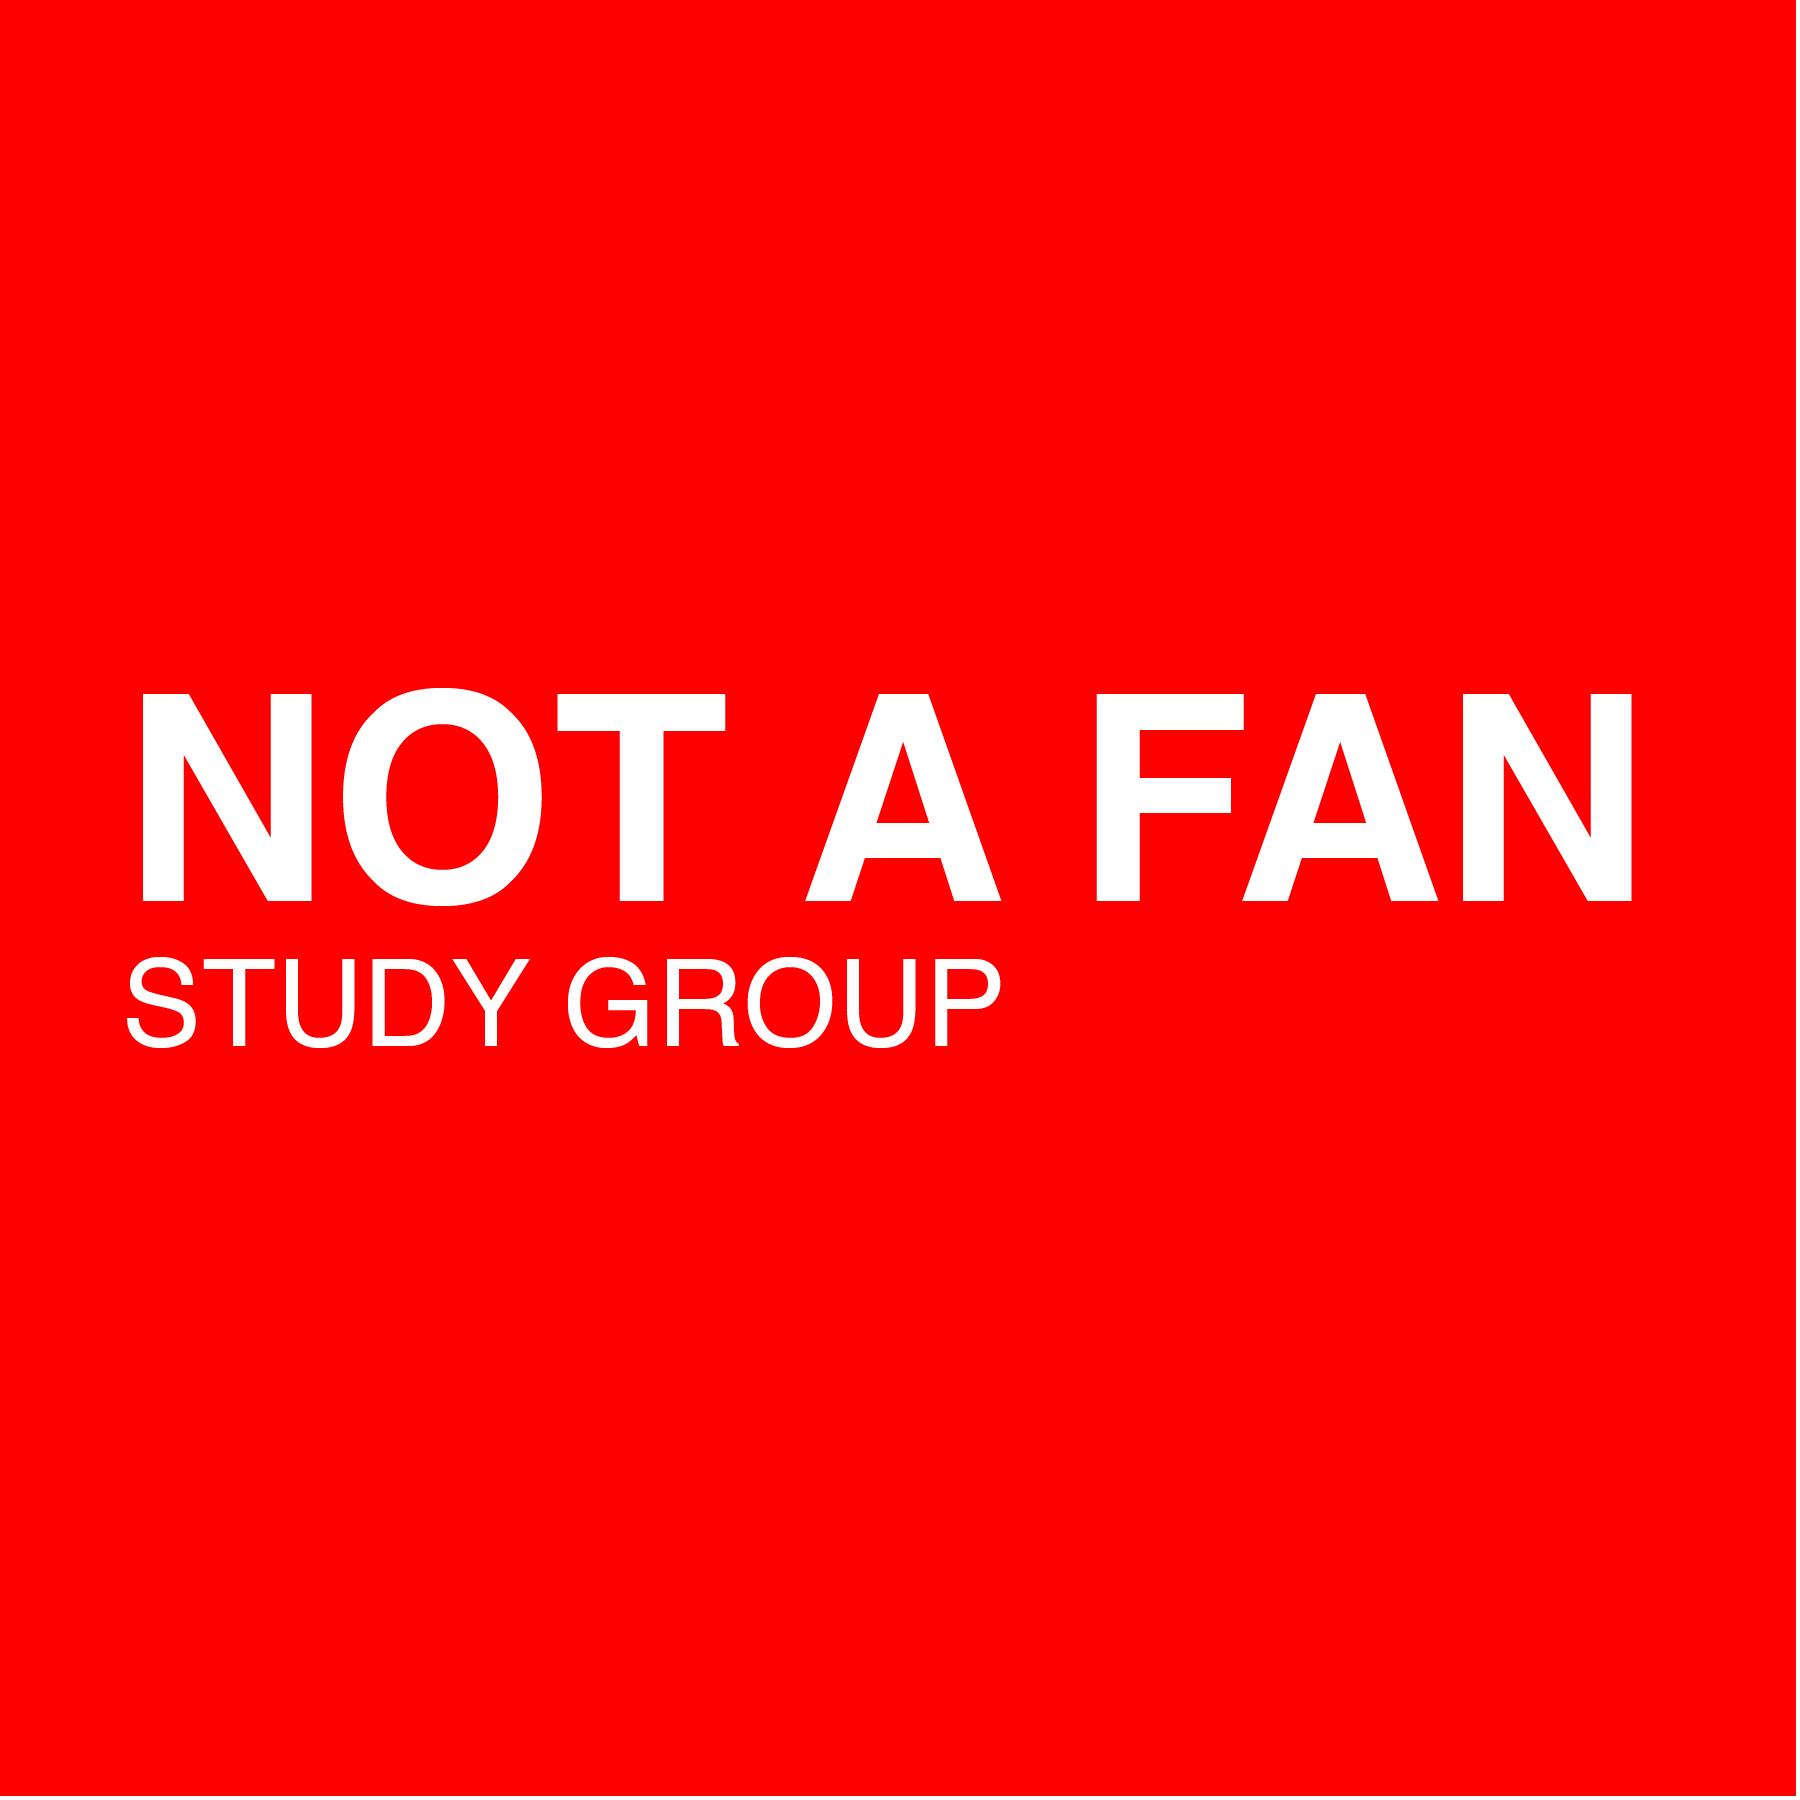 Rick Chelko Men's Study Group.jpg